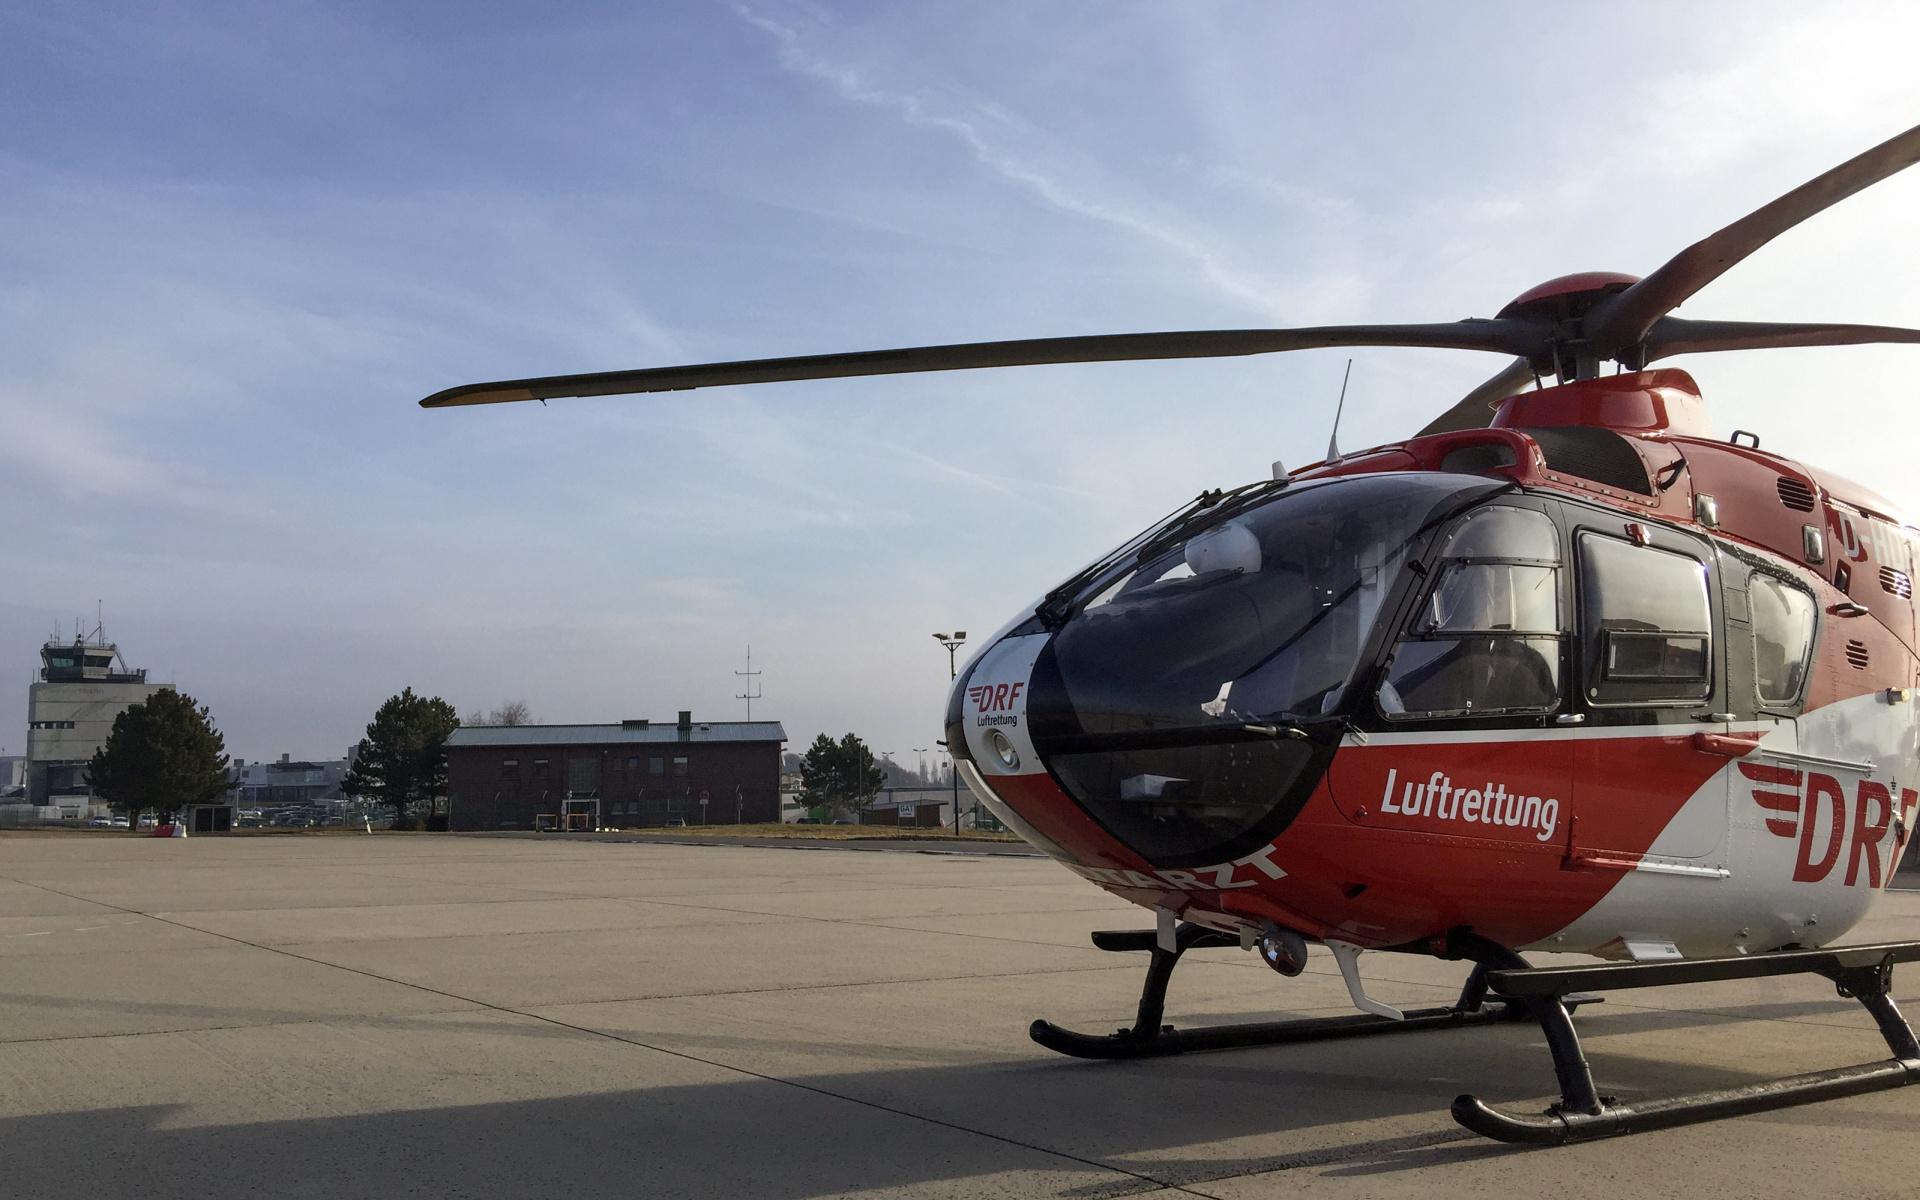 Übergabe am Flughafen Hahn: Der Weitertransport des lebensrettenden Organs erfolgte an Bord von Christoph 53 der DRF Luftrettung.